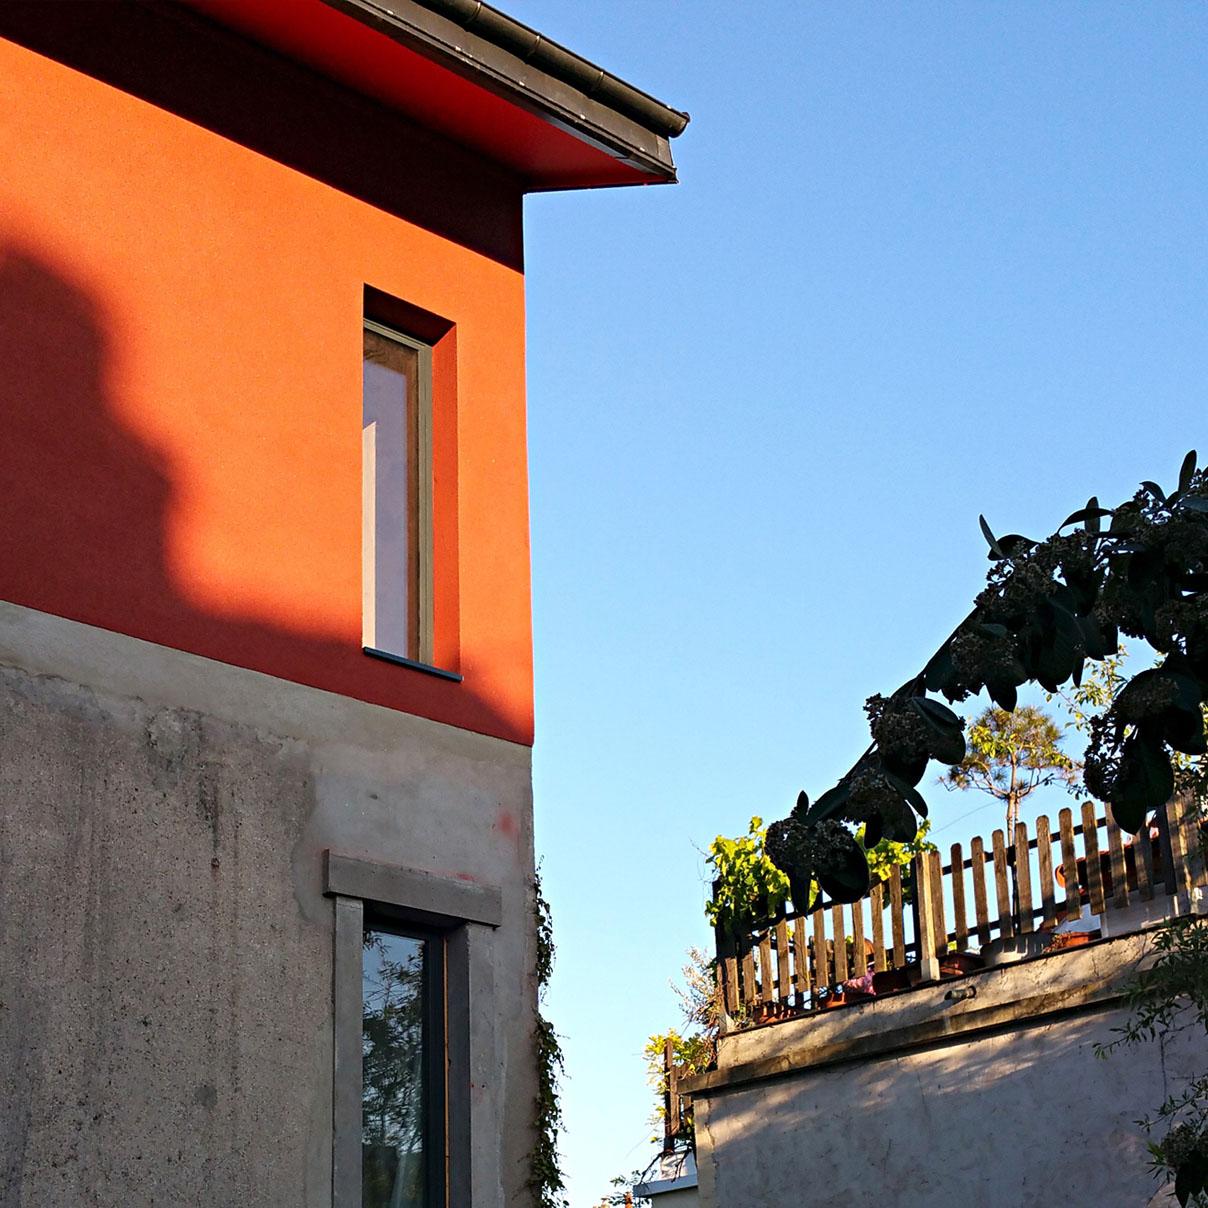 masKarade-architecture-surelevation-rehabilitation-maison-chaunvre-chaux-facade-toiture